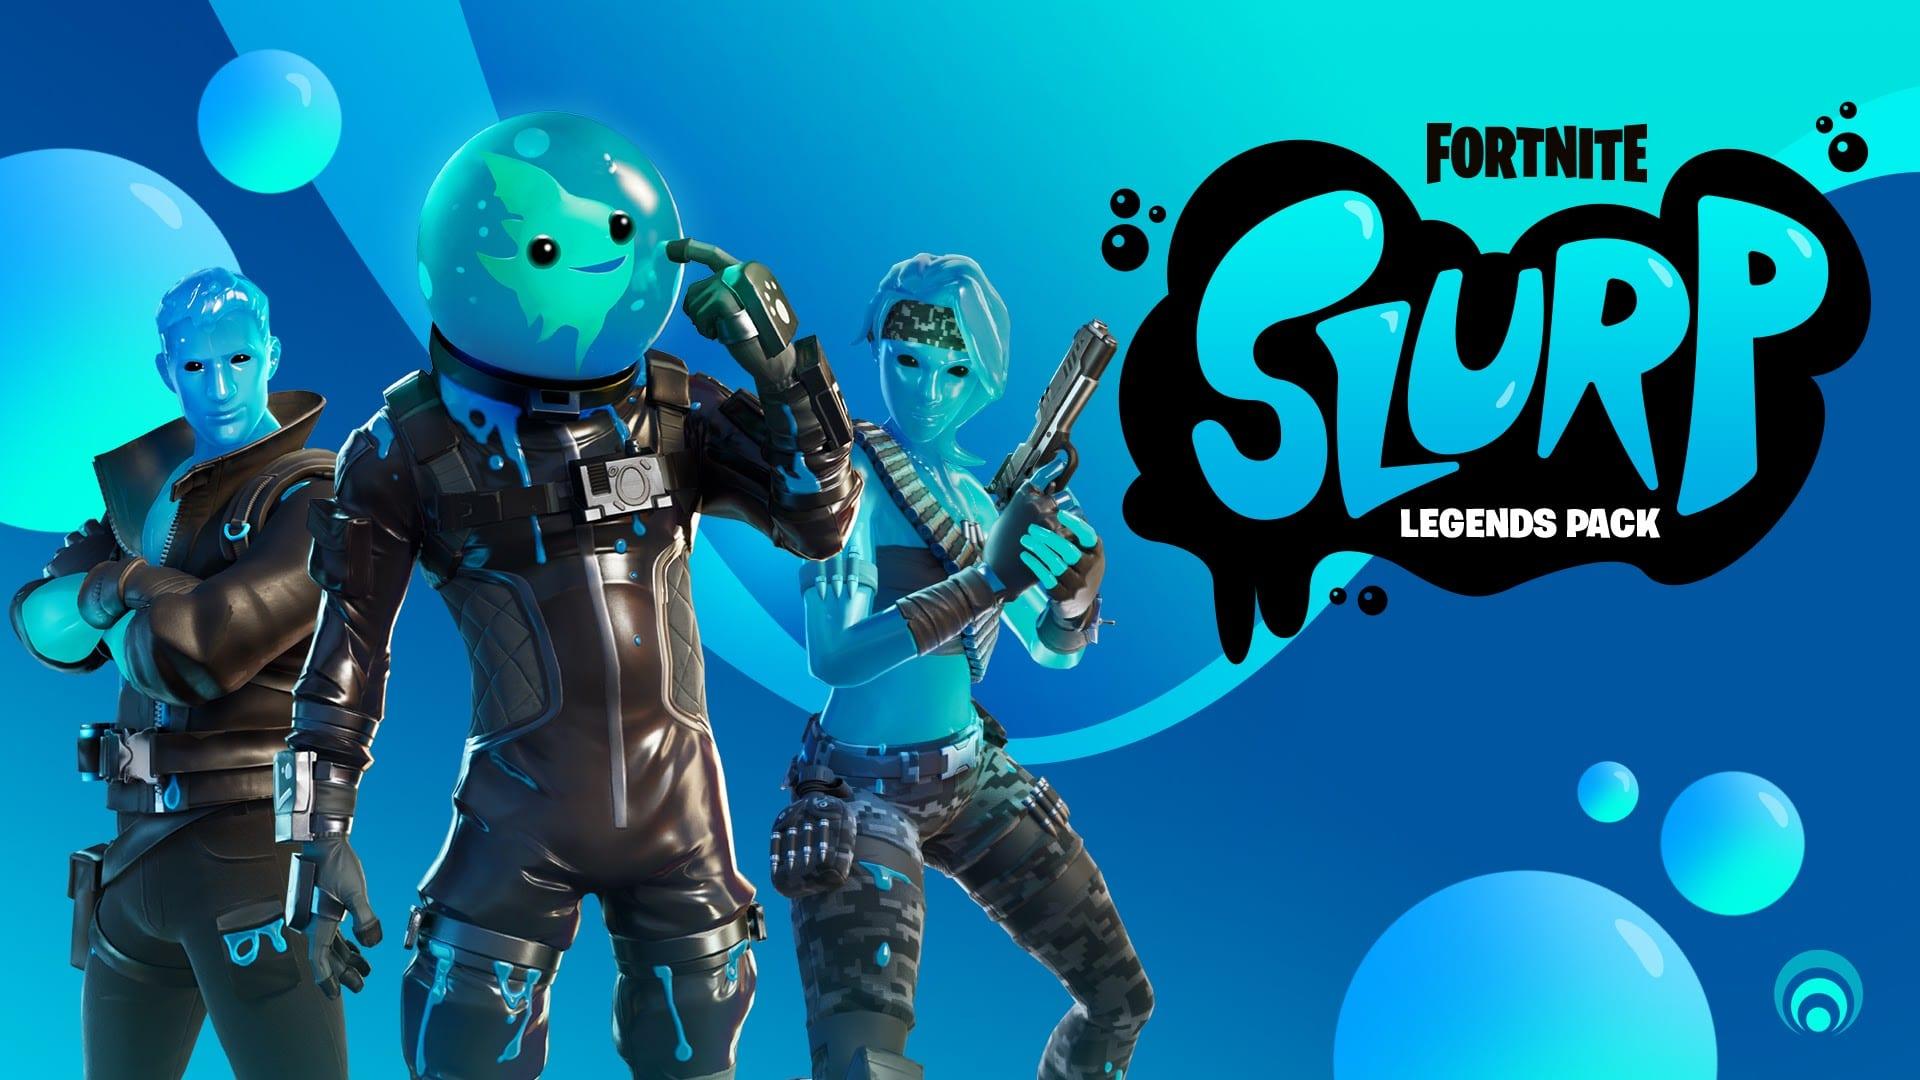 Fortnite Slurp Legends Pack